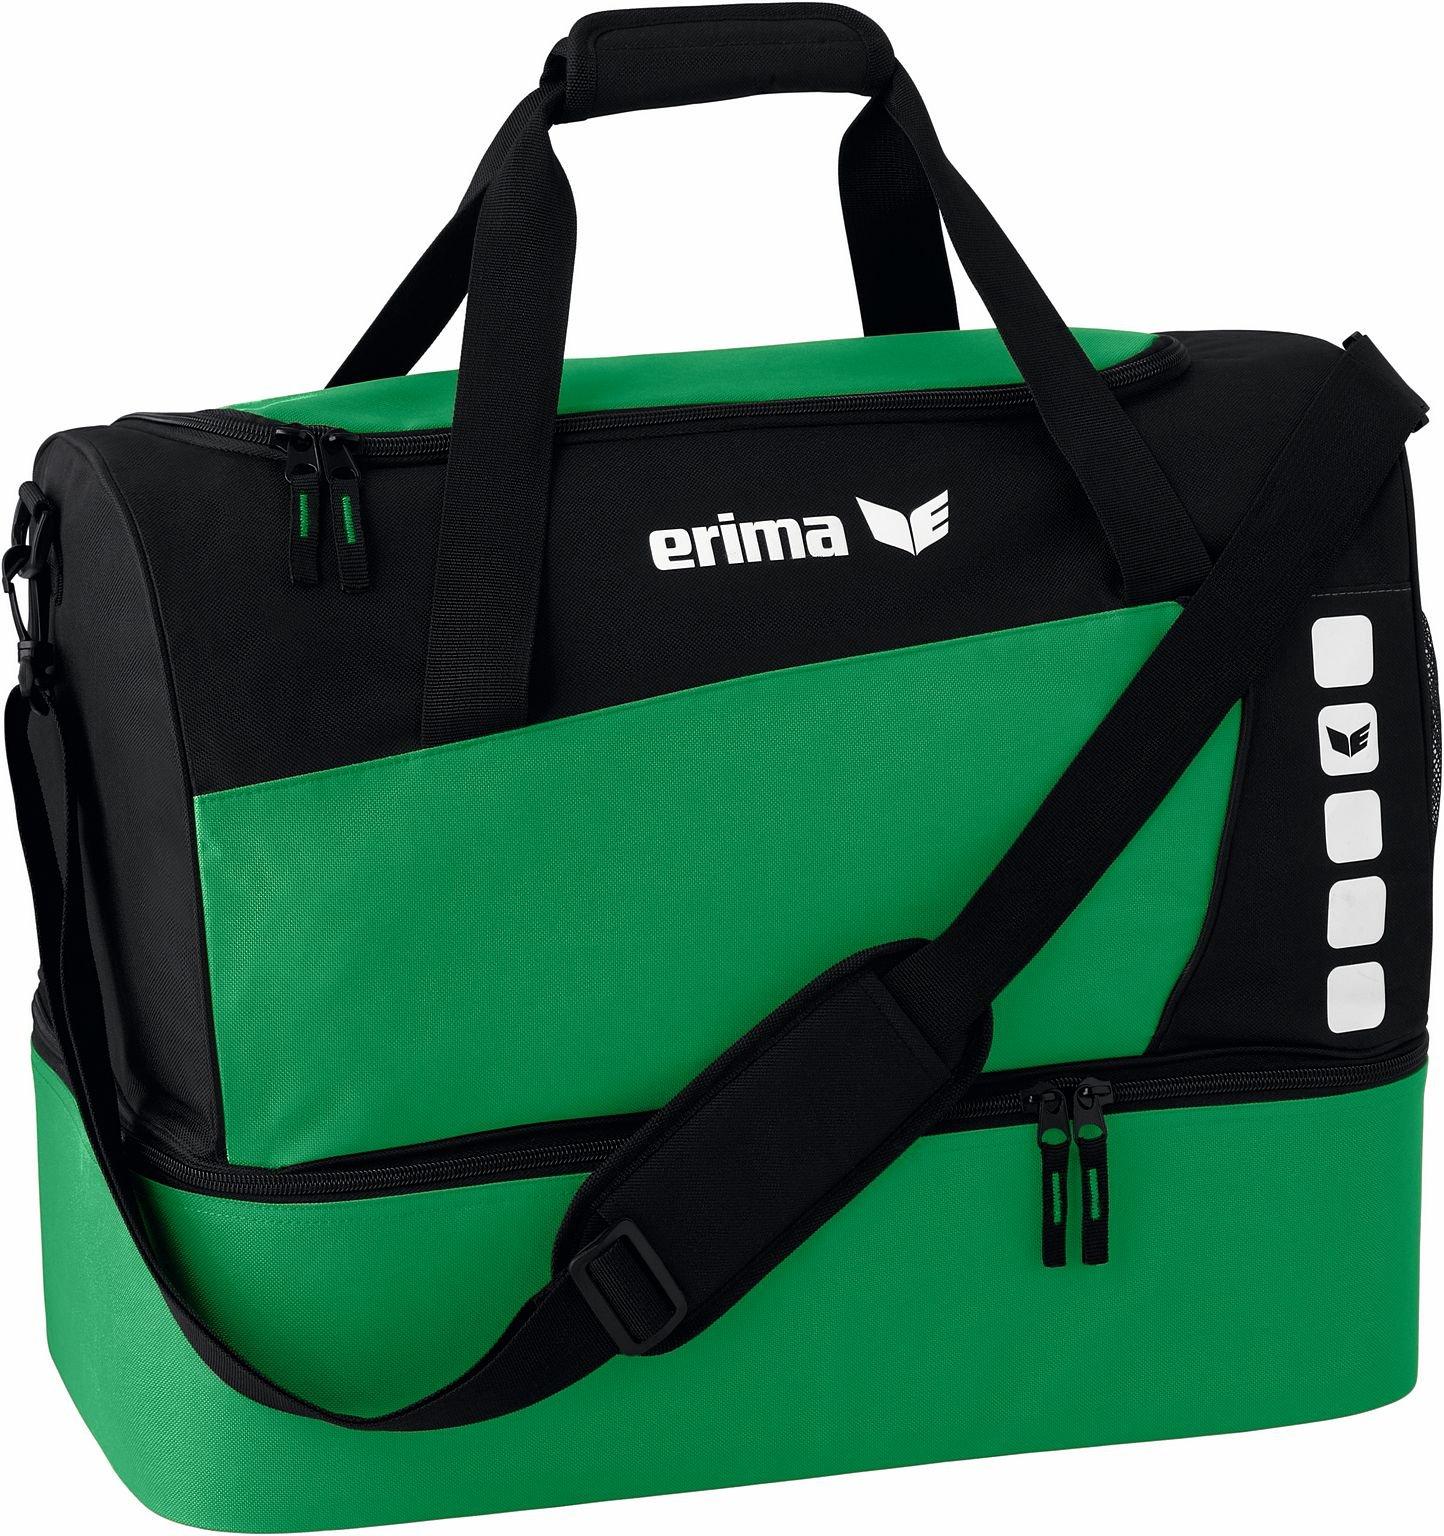 erima Sporttasche mit Bodenfach, smaragd/schwarz, L, 76 Liter, 723337